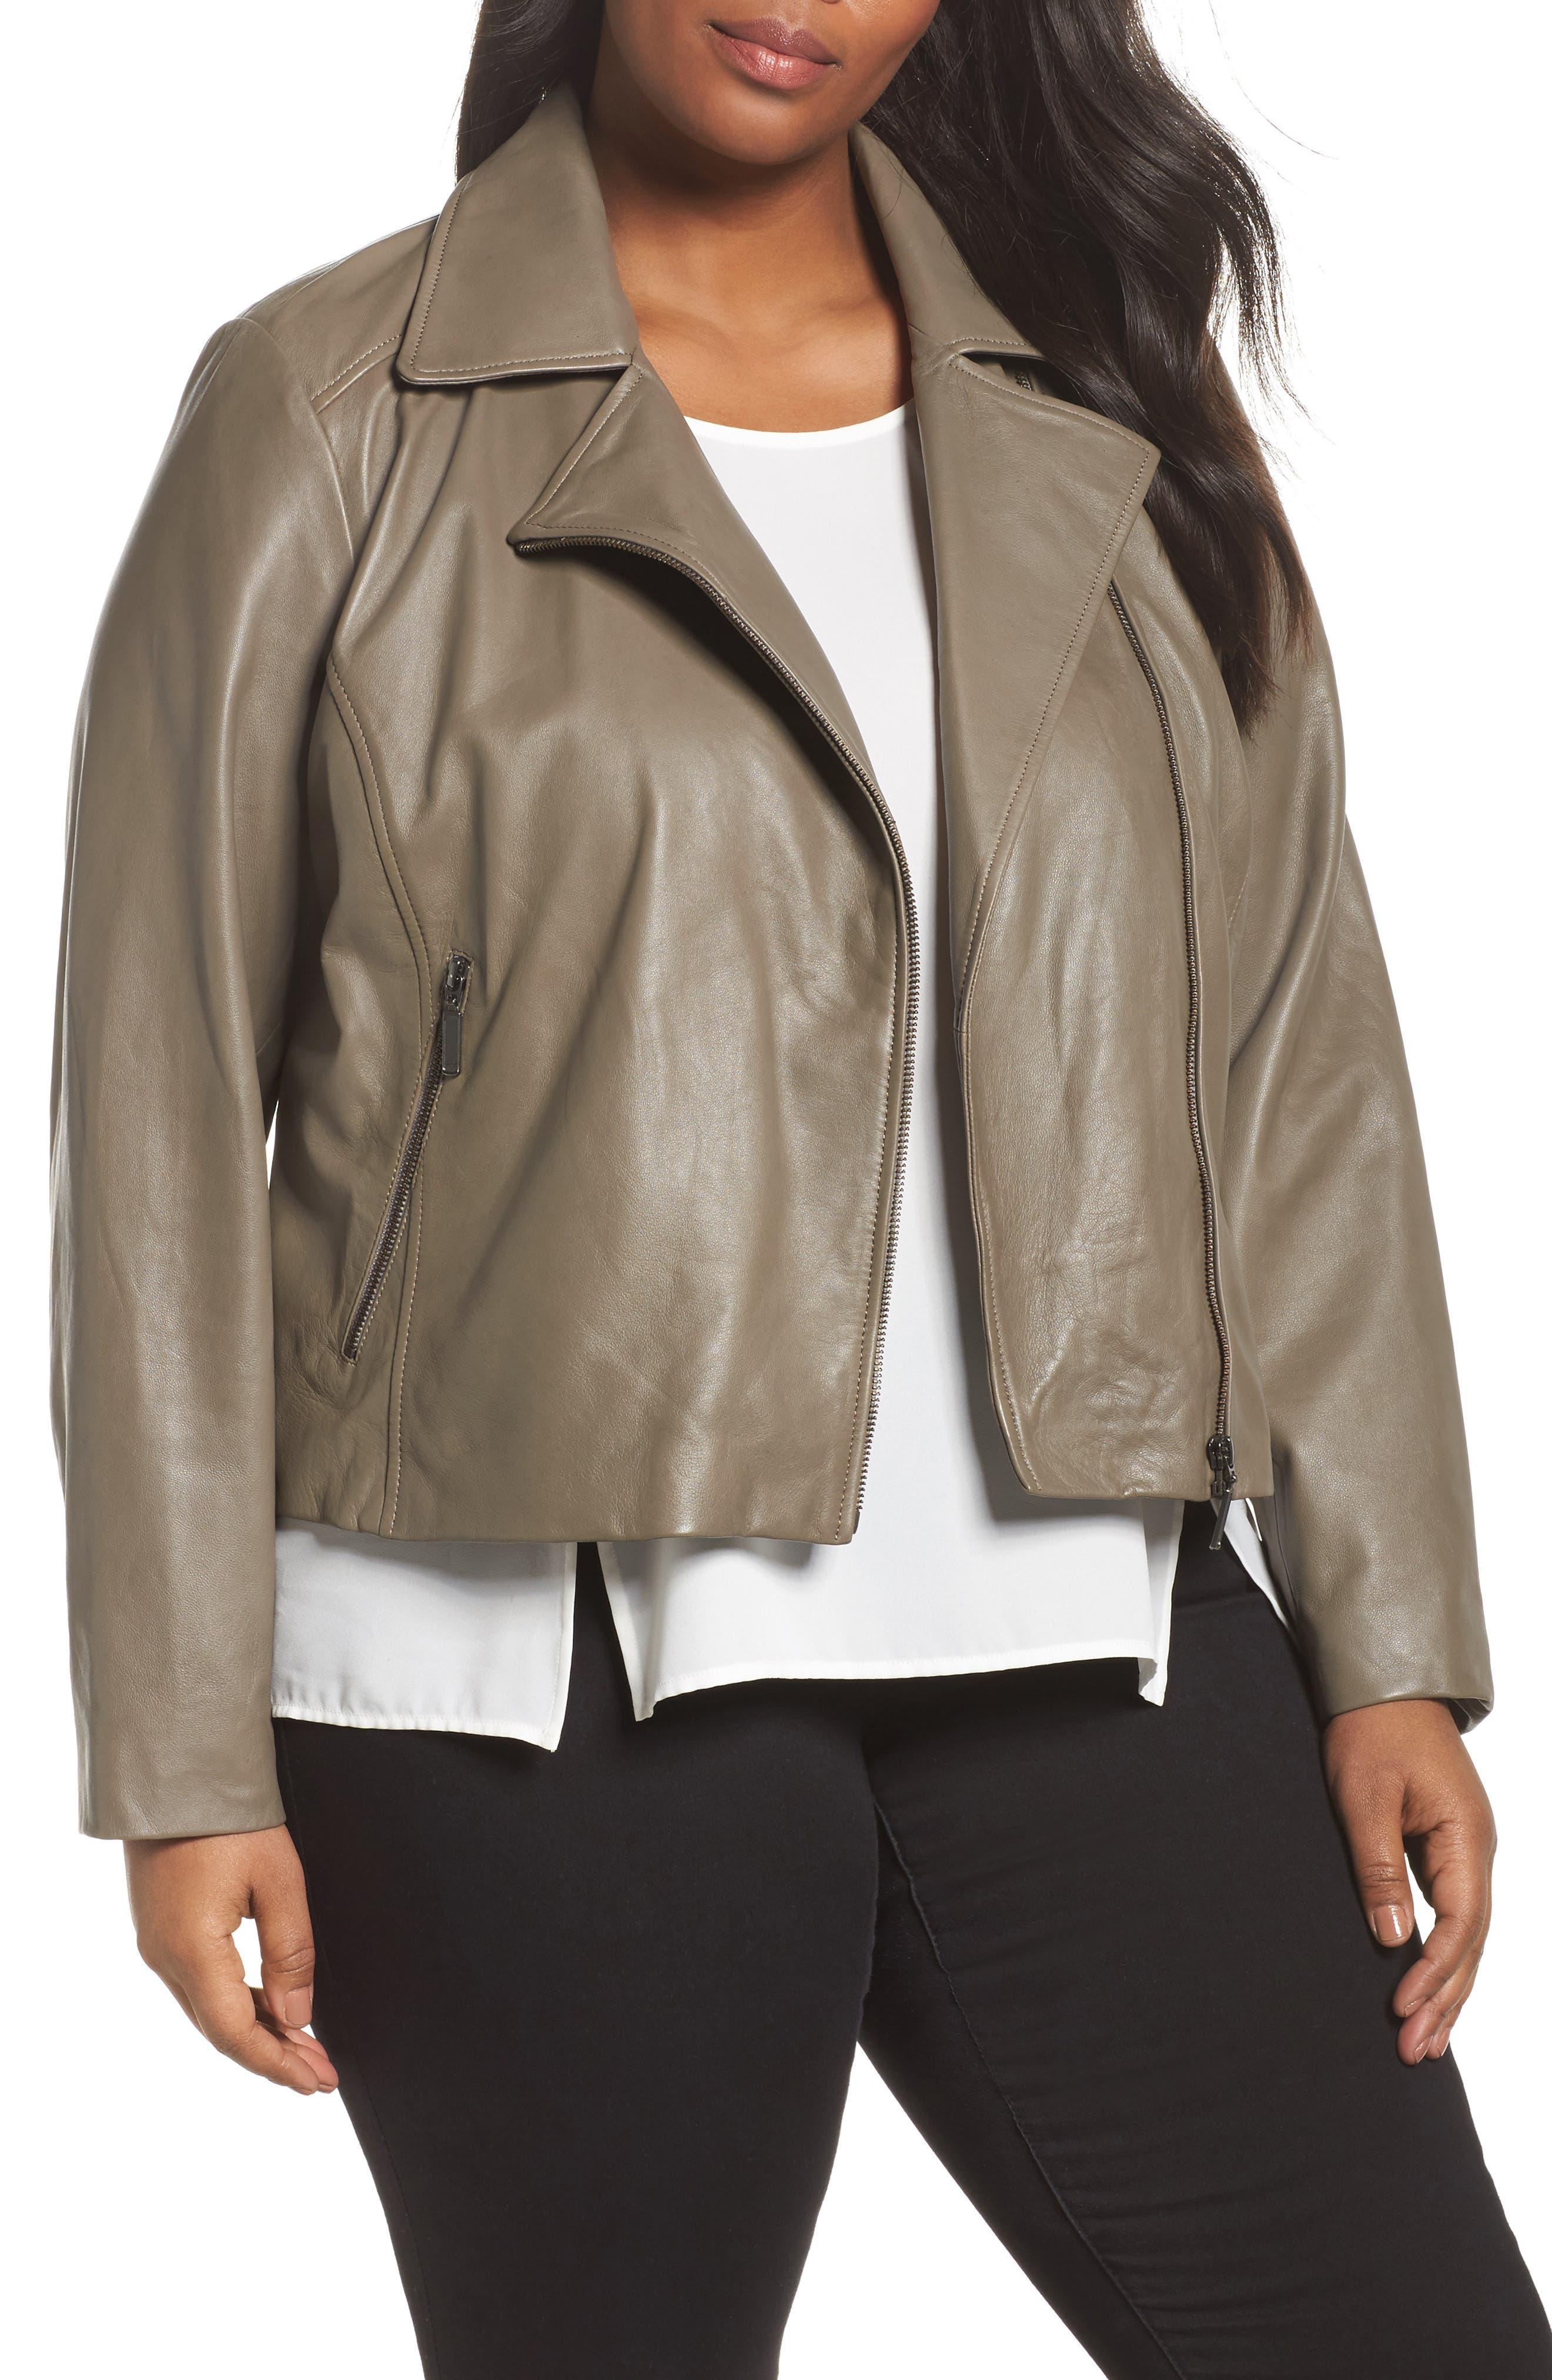 Alternate Image 1 Selected - Halogen® Leather Moto Jacket (Plus Size)